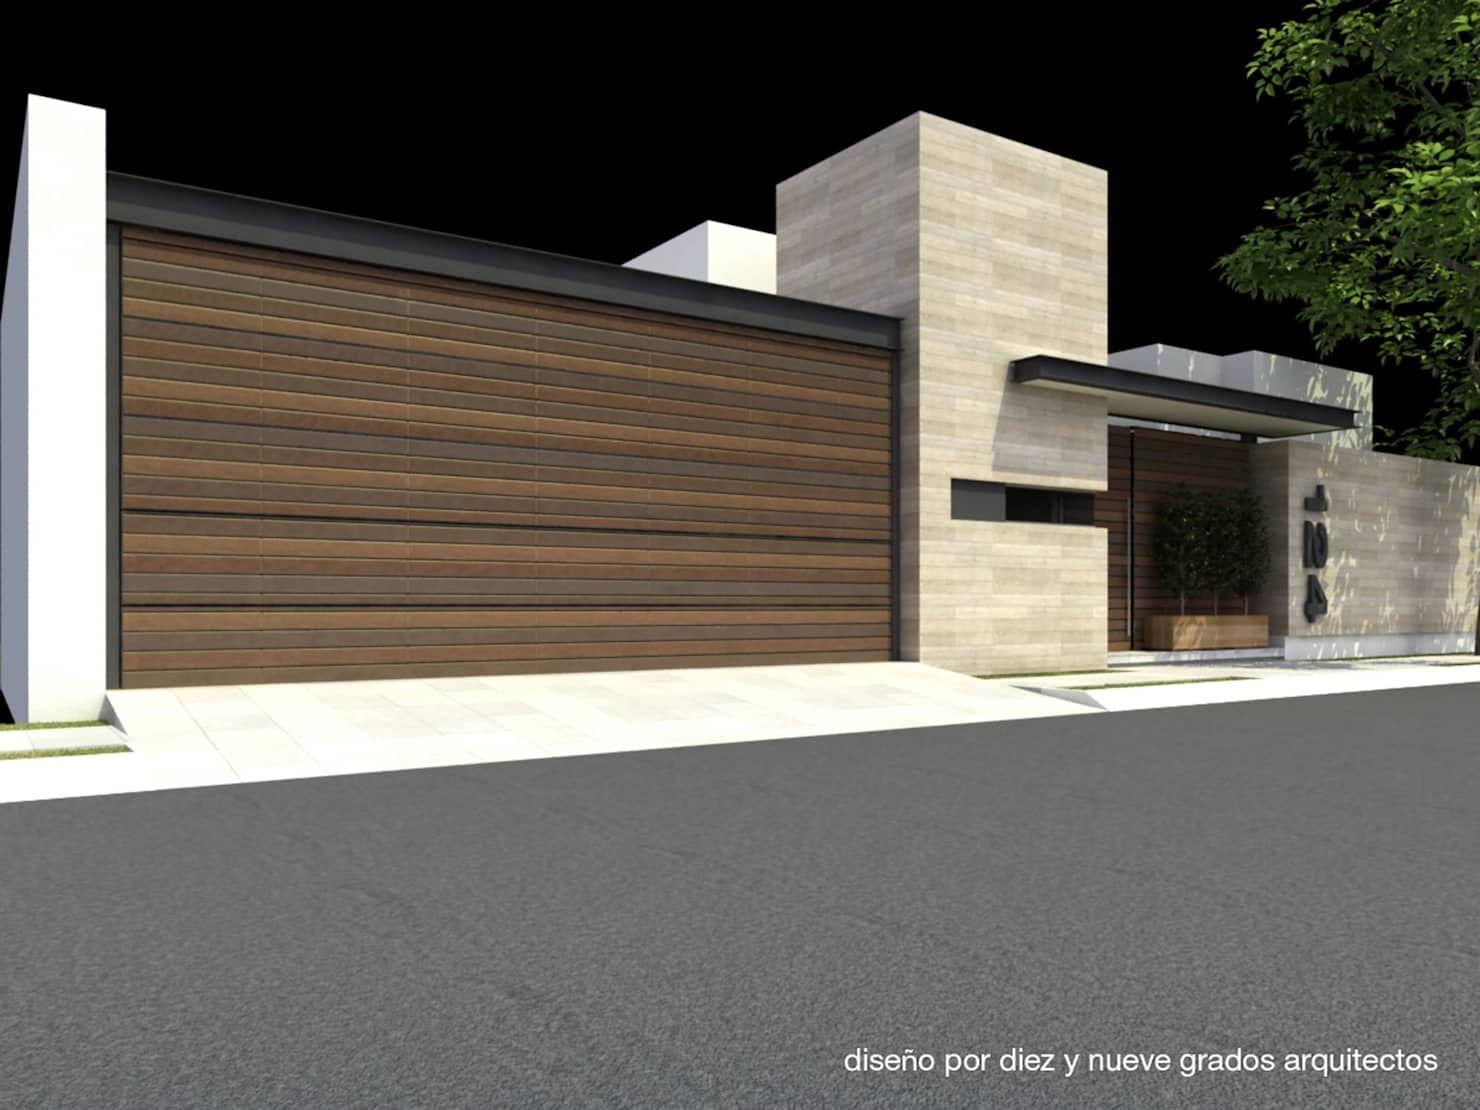 Fachada principal de estilo por diez y nueve grados arquitectos en